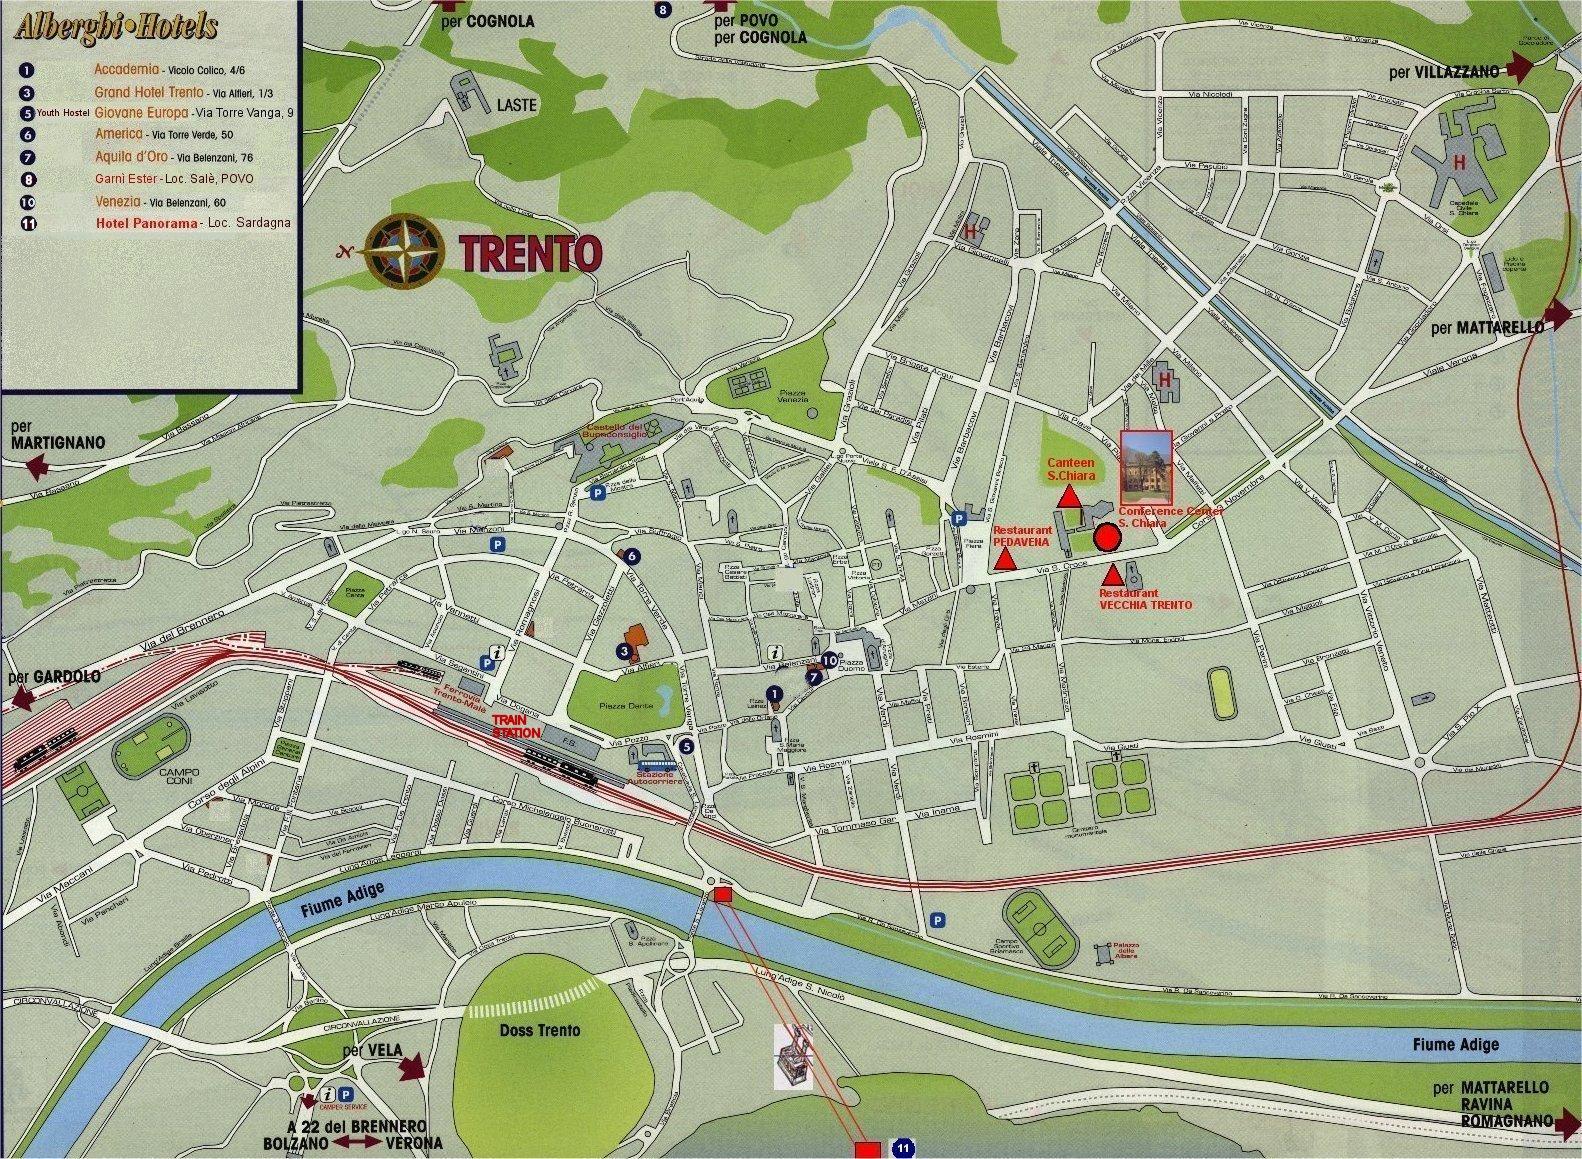 Trento Map Trento Italy mappery